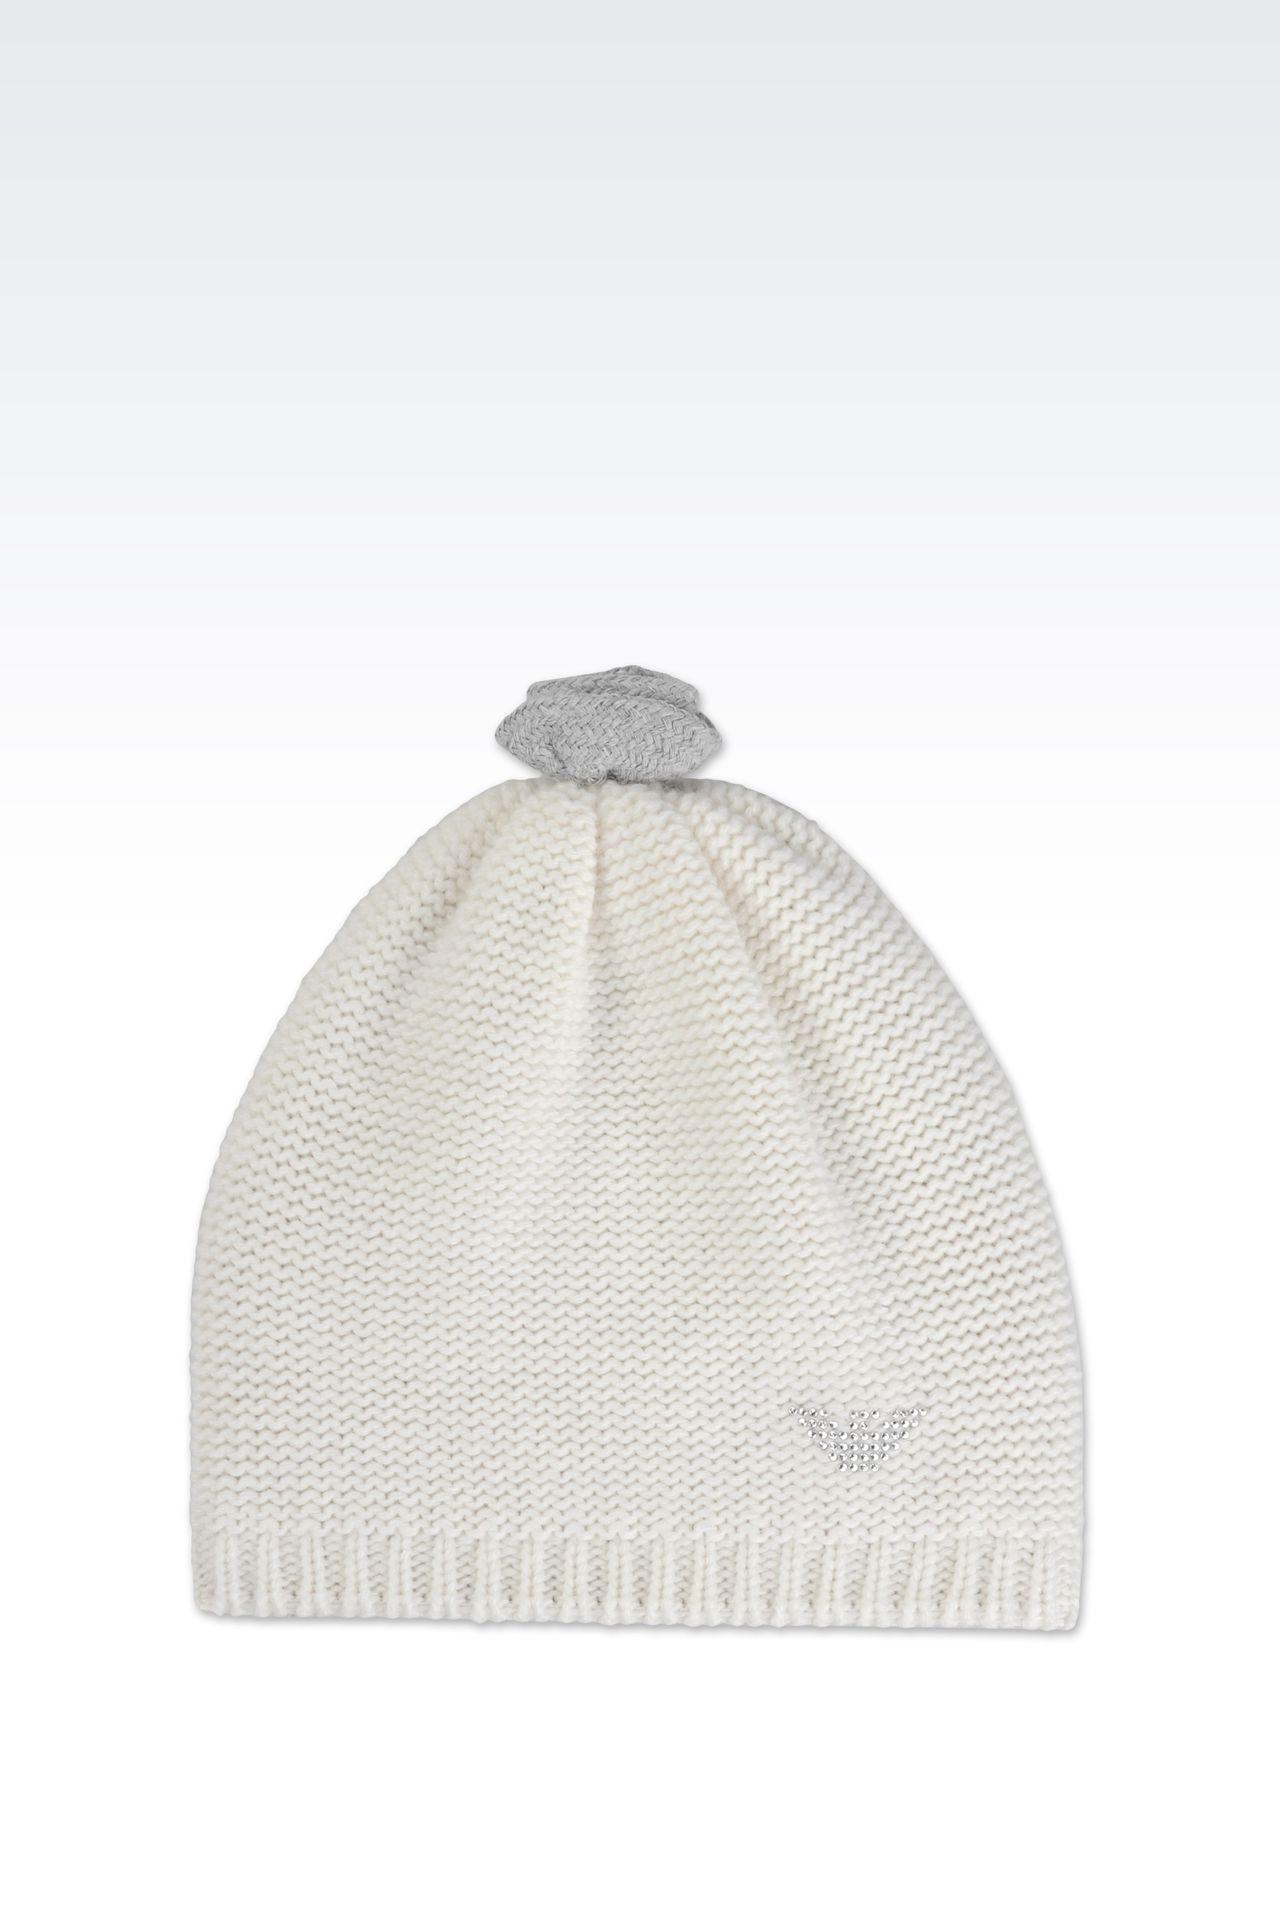 针织帽子的洗水标志